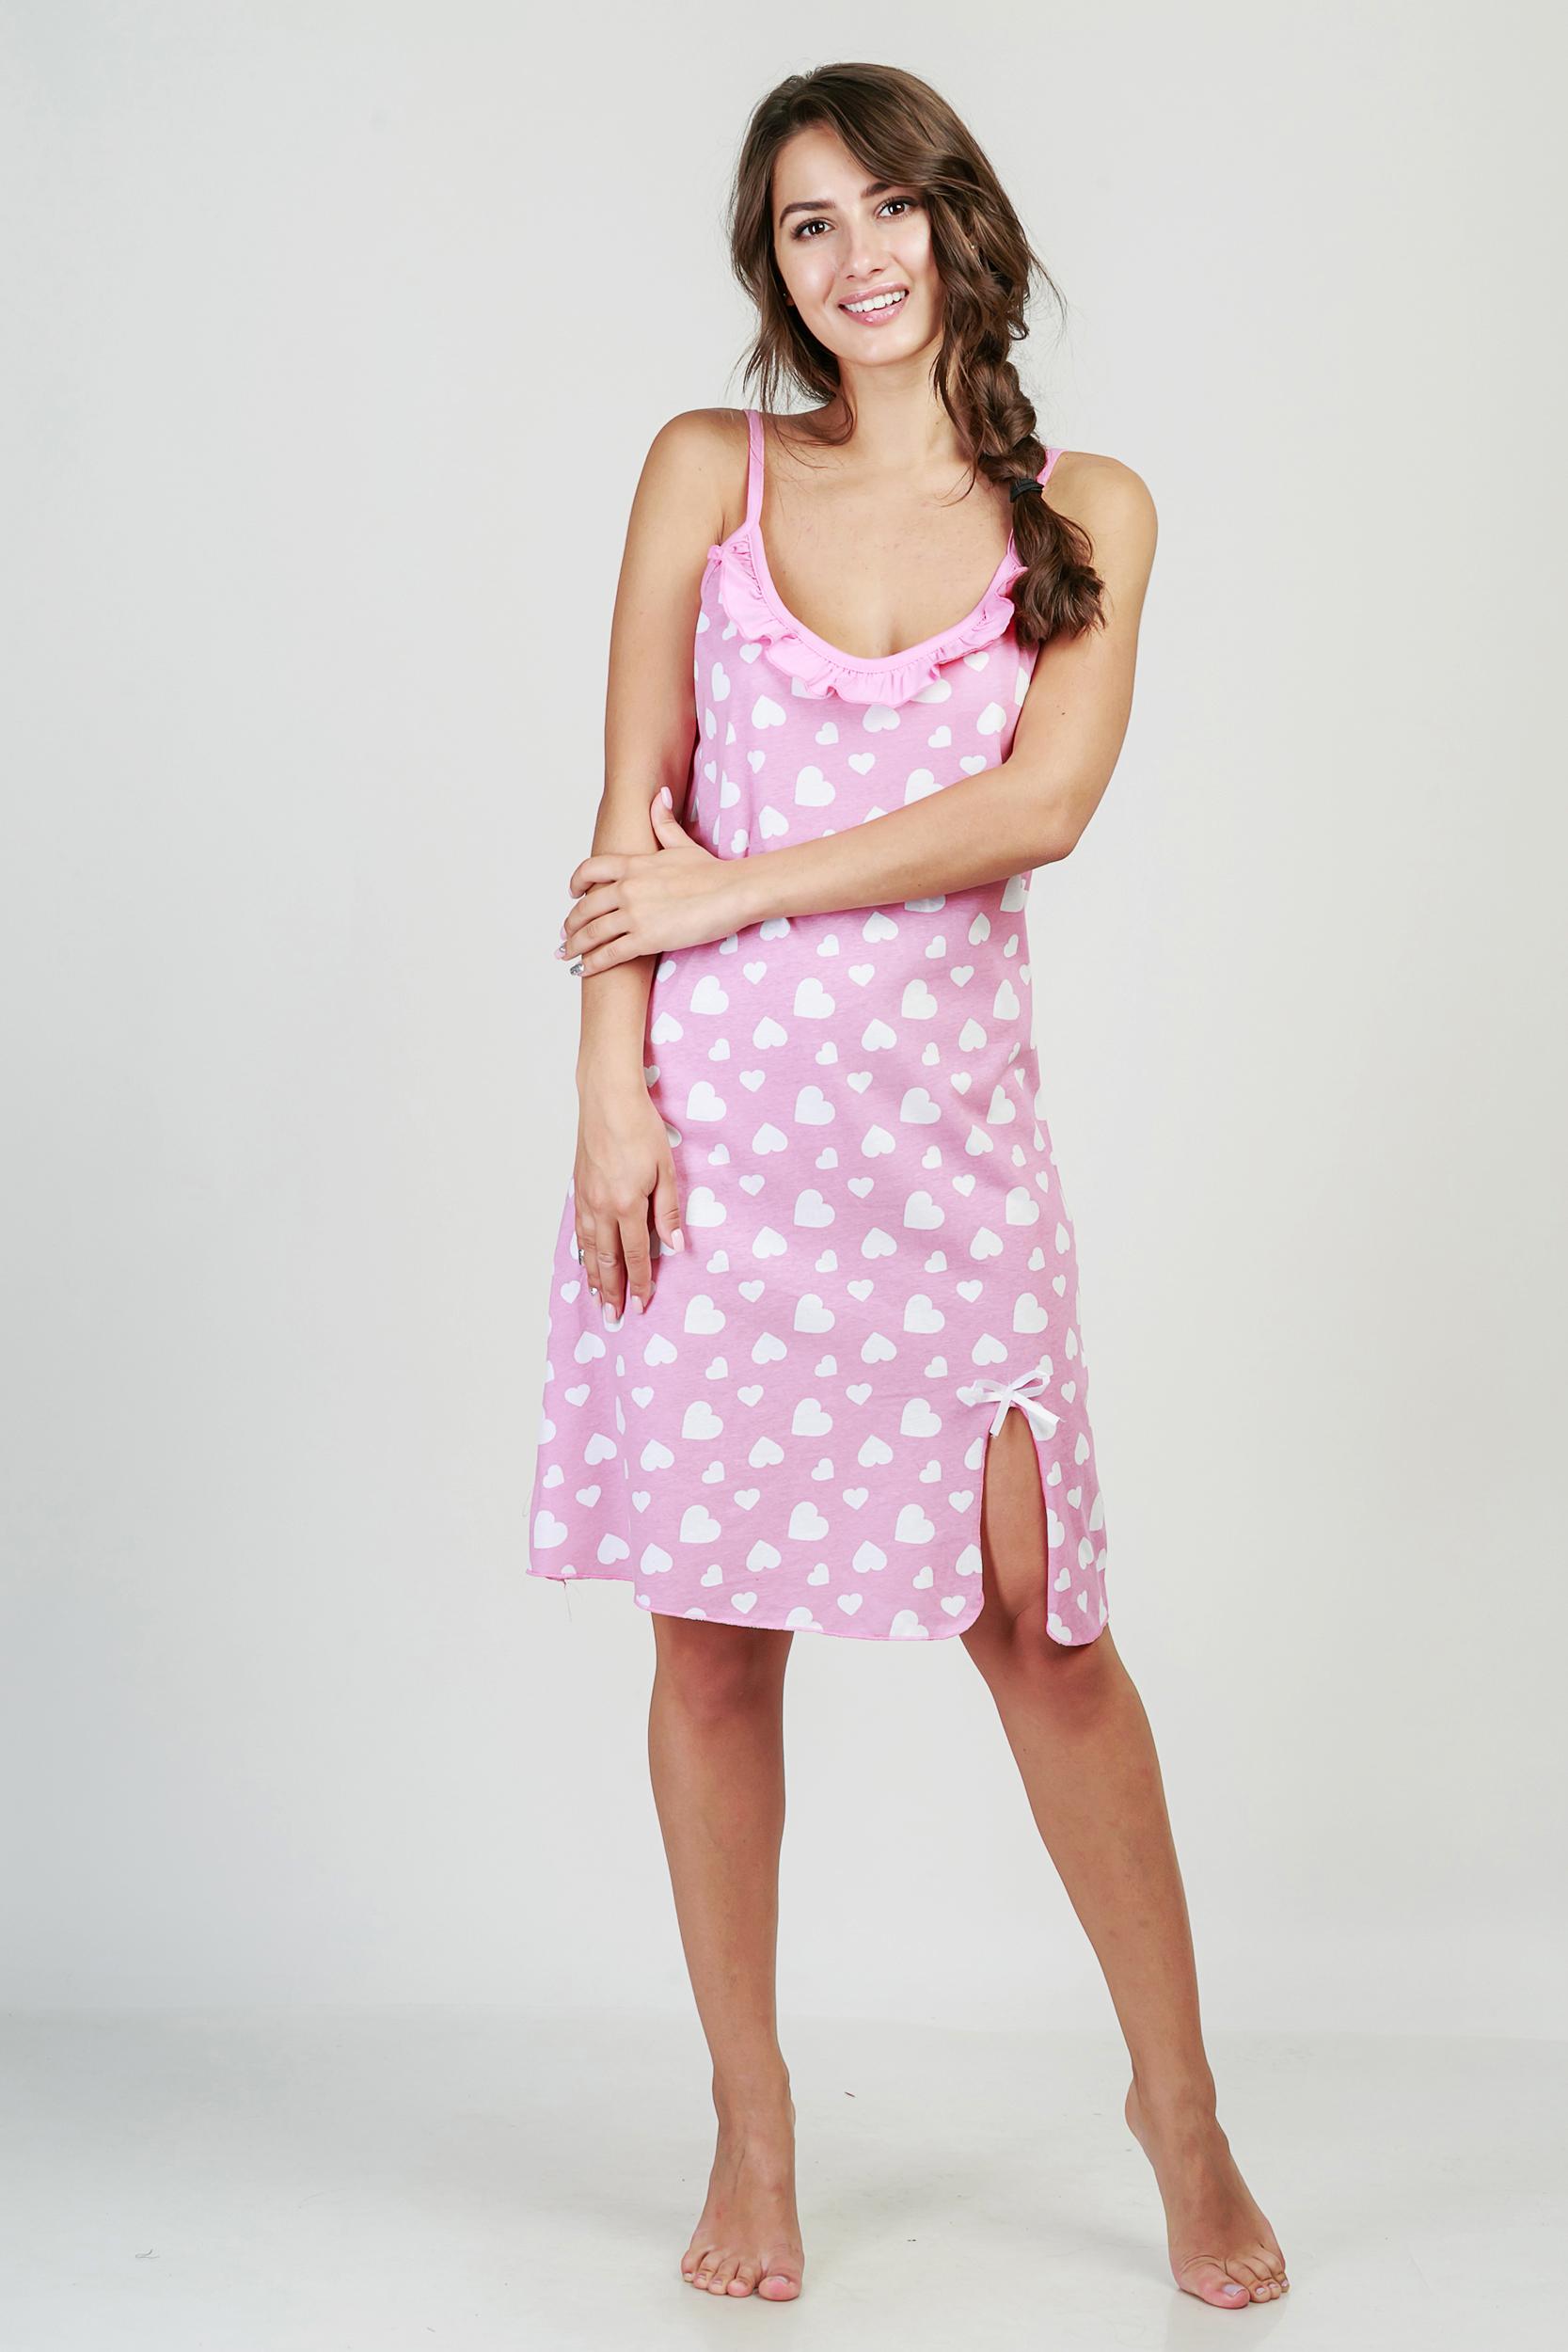 Ночные сорочки Pastilla Ночная сорочка Афродита Цвет: Брусничный (L) ночные сорочки мамин дом ночная сорочка harmony